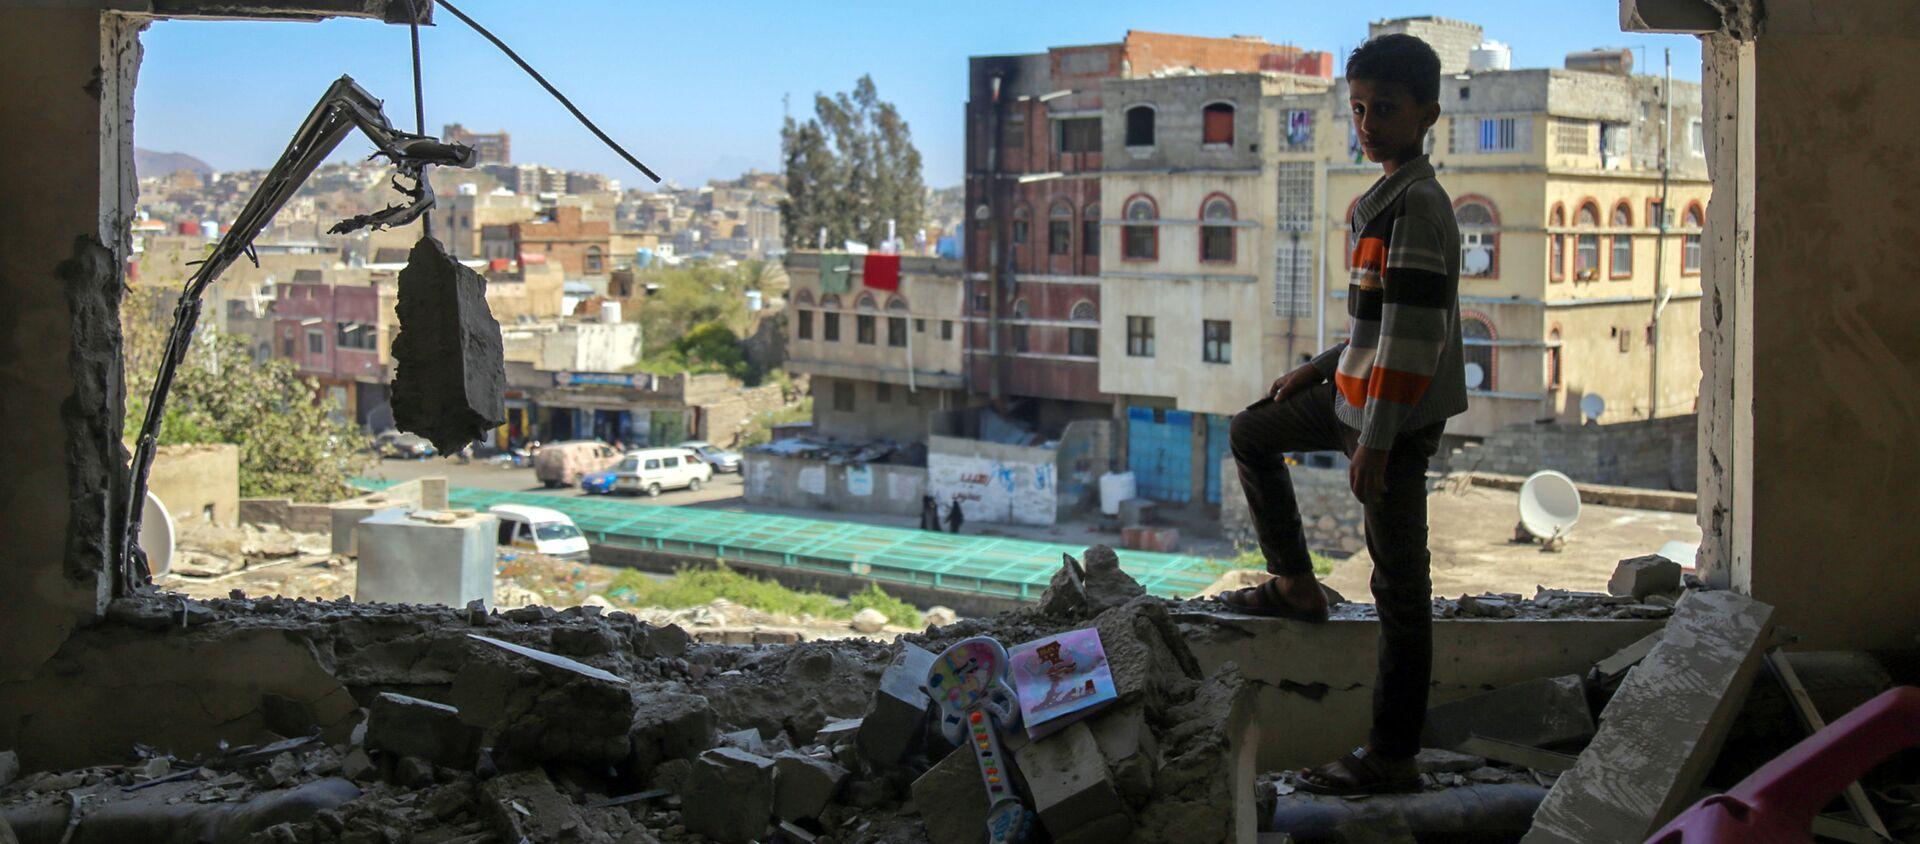 Un bambino osserva le macerie di un palazzo sventrato dalle bombe a Taez nello Yemen - Sputnik Italia, 1920, 29.01.2021